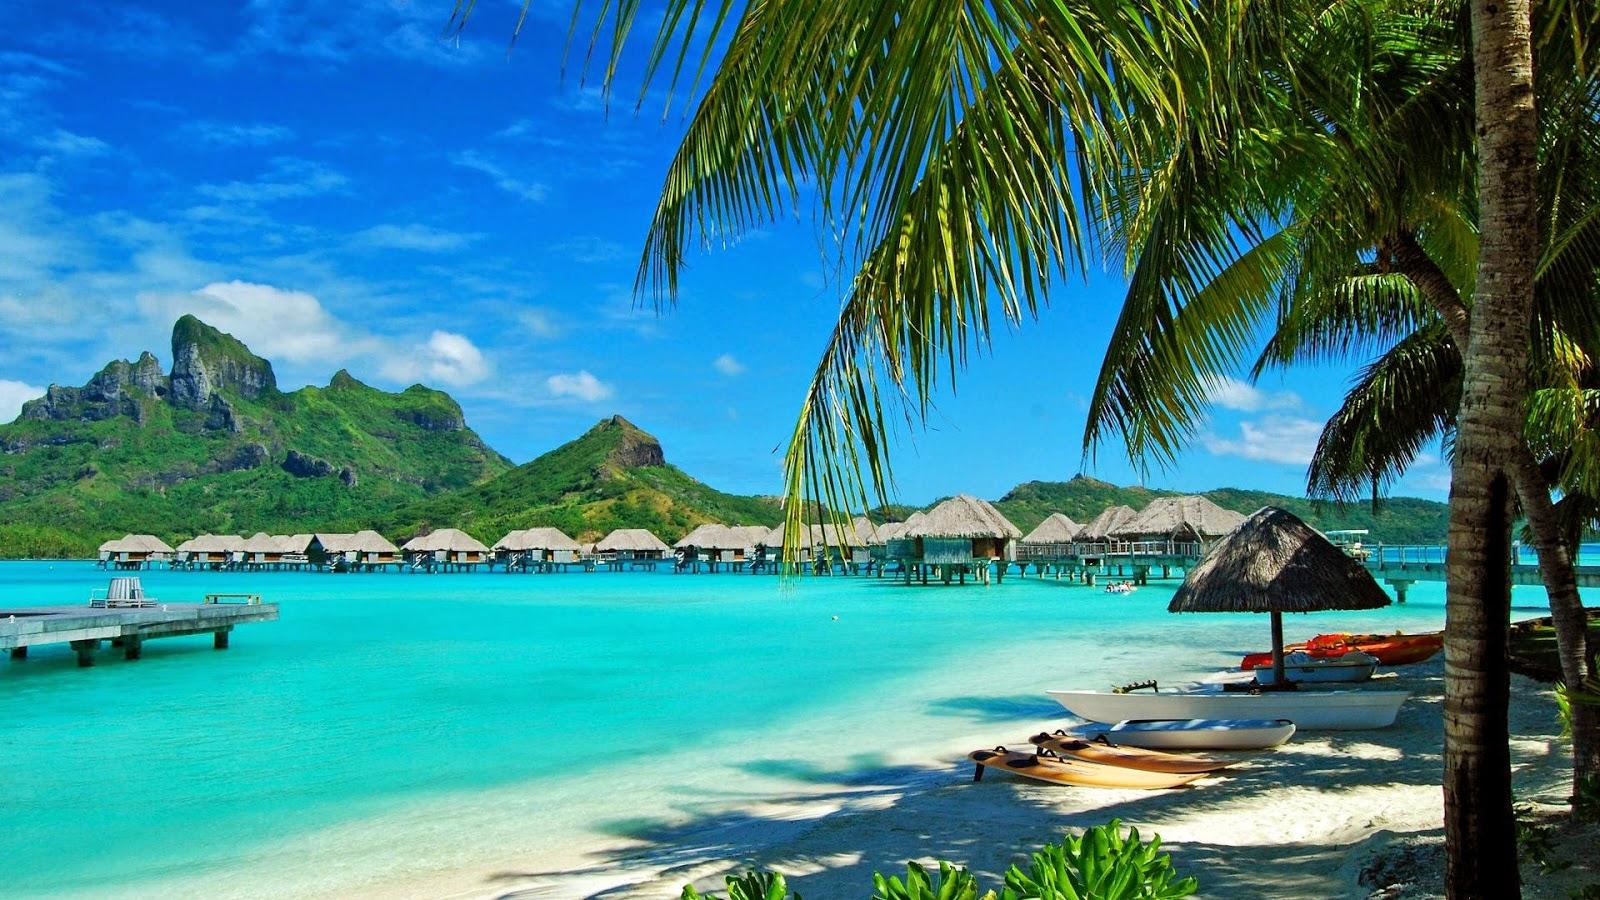 trangtin24h.com - Du ngoạn đảo Phú Quốc chỉ 3N2Đ vô cùng thú vị